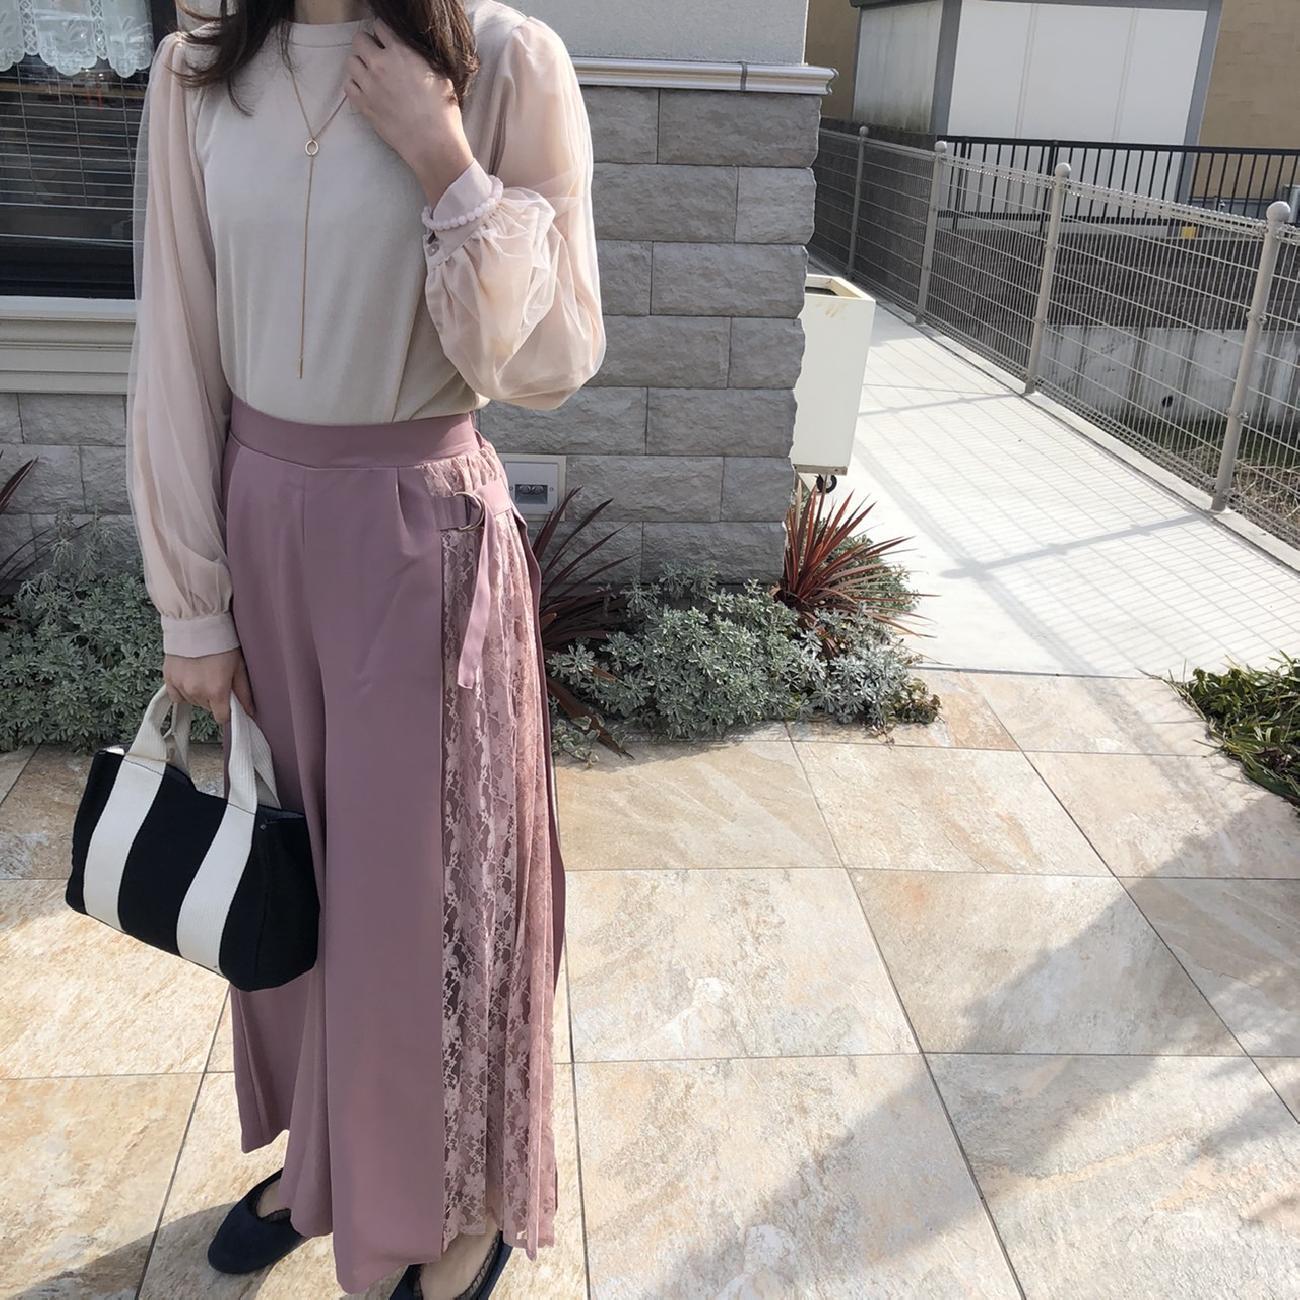 春/春服/春コーデ/コーディネート/ファッション/お出かけ/お洒落/服